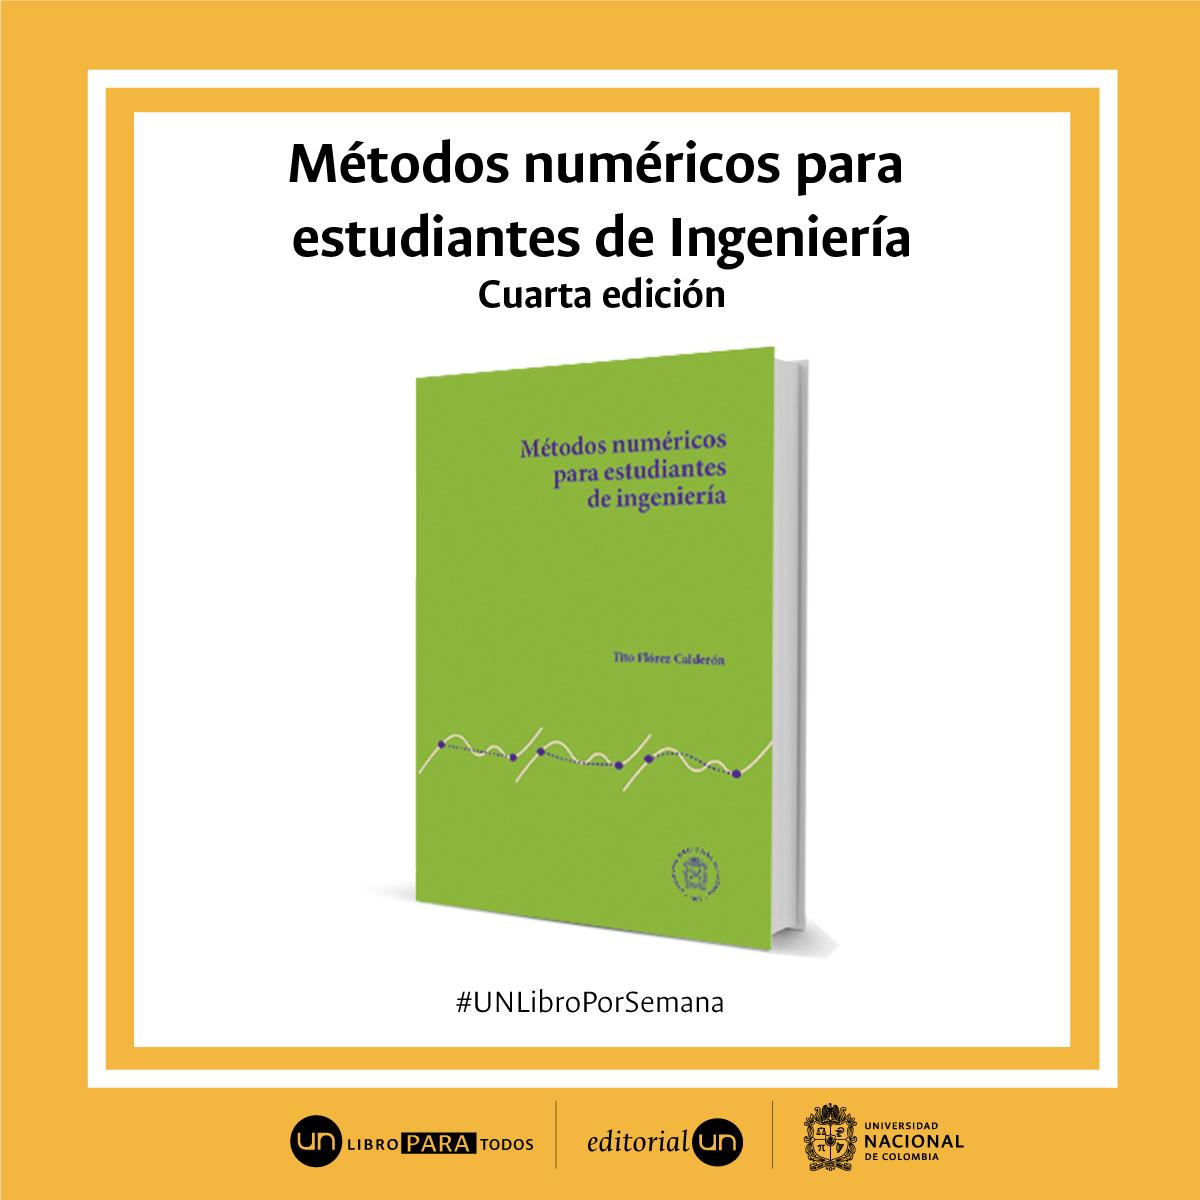 'Métodos numéricos para estudiantes de Ingeniería' (4a. edición)